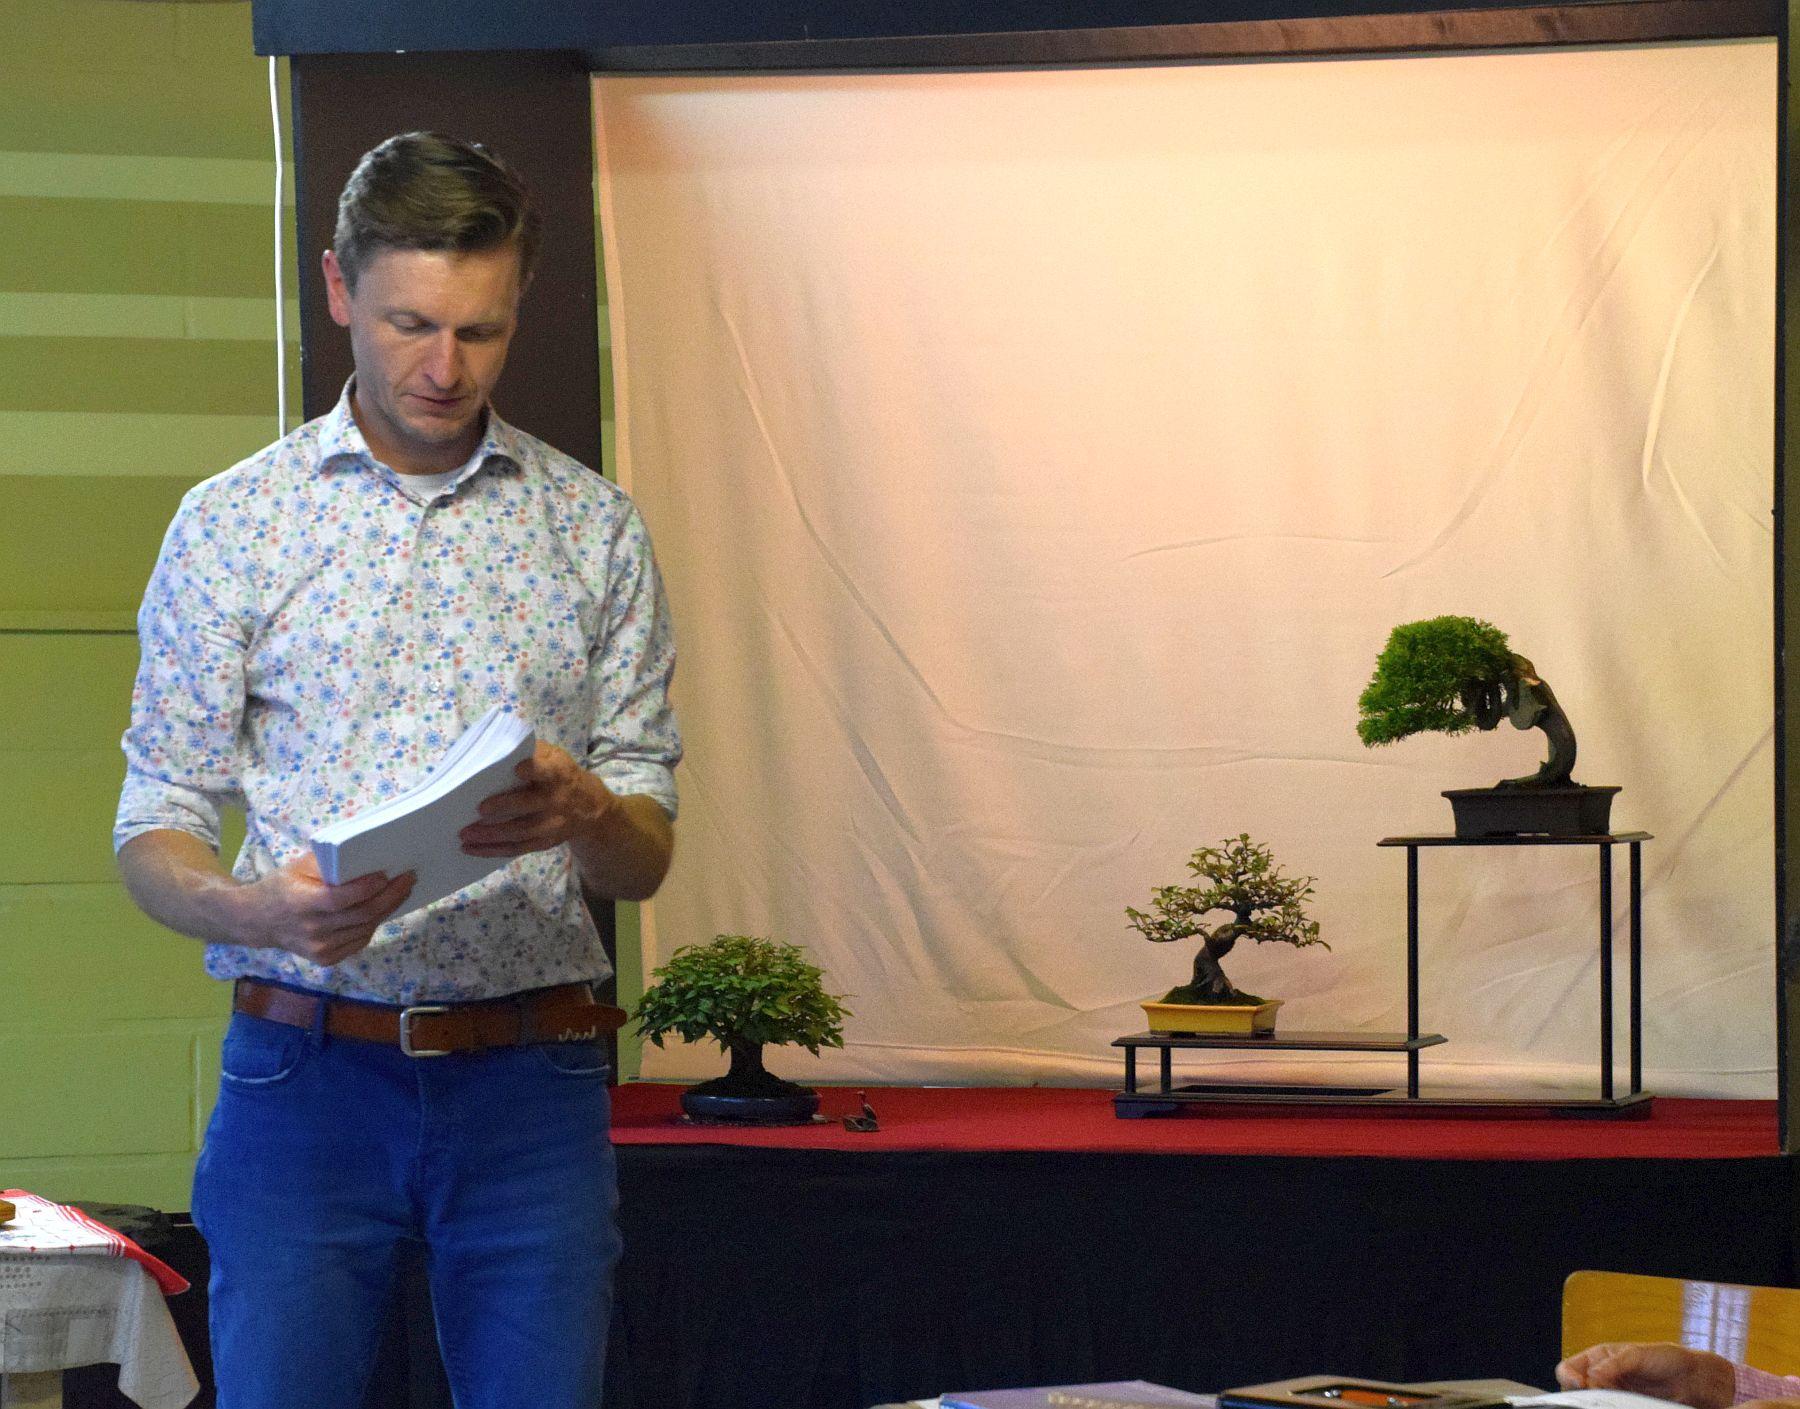 EUK vergadering 05-09-2016 Lezing Teunis Jan Klein 001